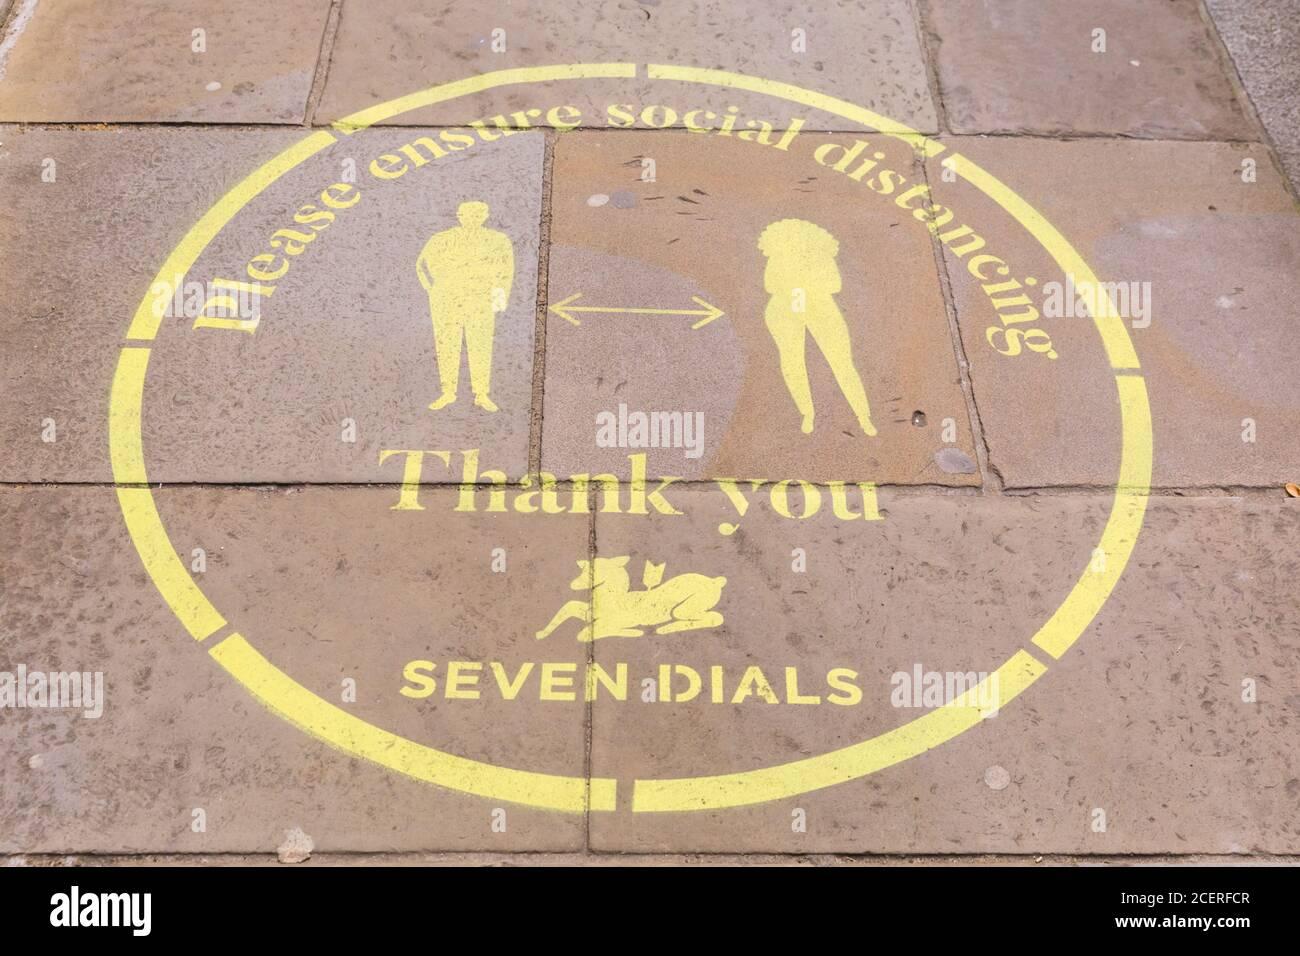 Soziale Distanzierung in Covent Garden, London, England, Zeichen und Ratschläge zu Regeln auf dem Bürgersteig Stockfoto